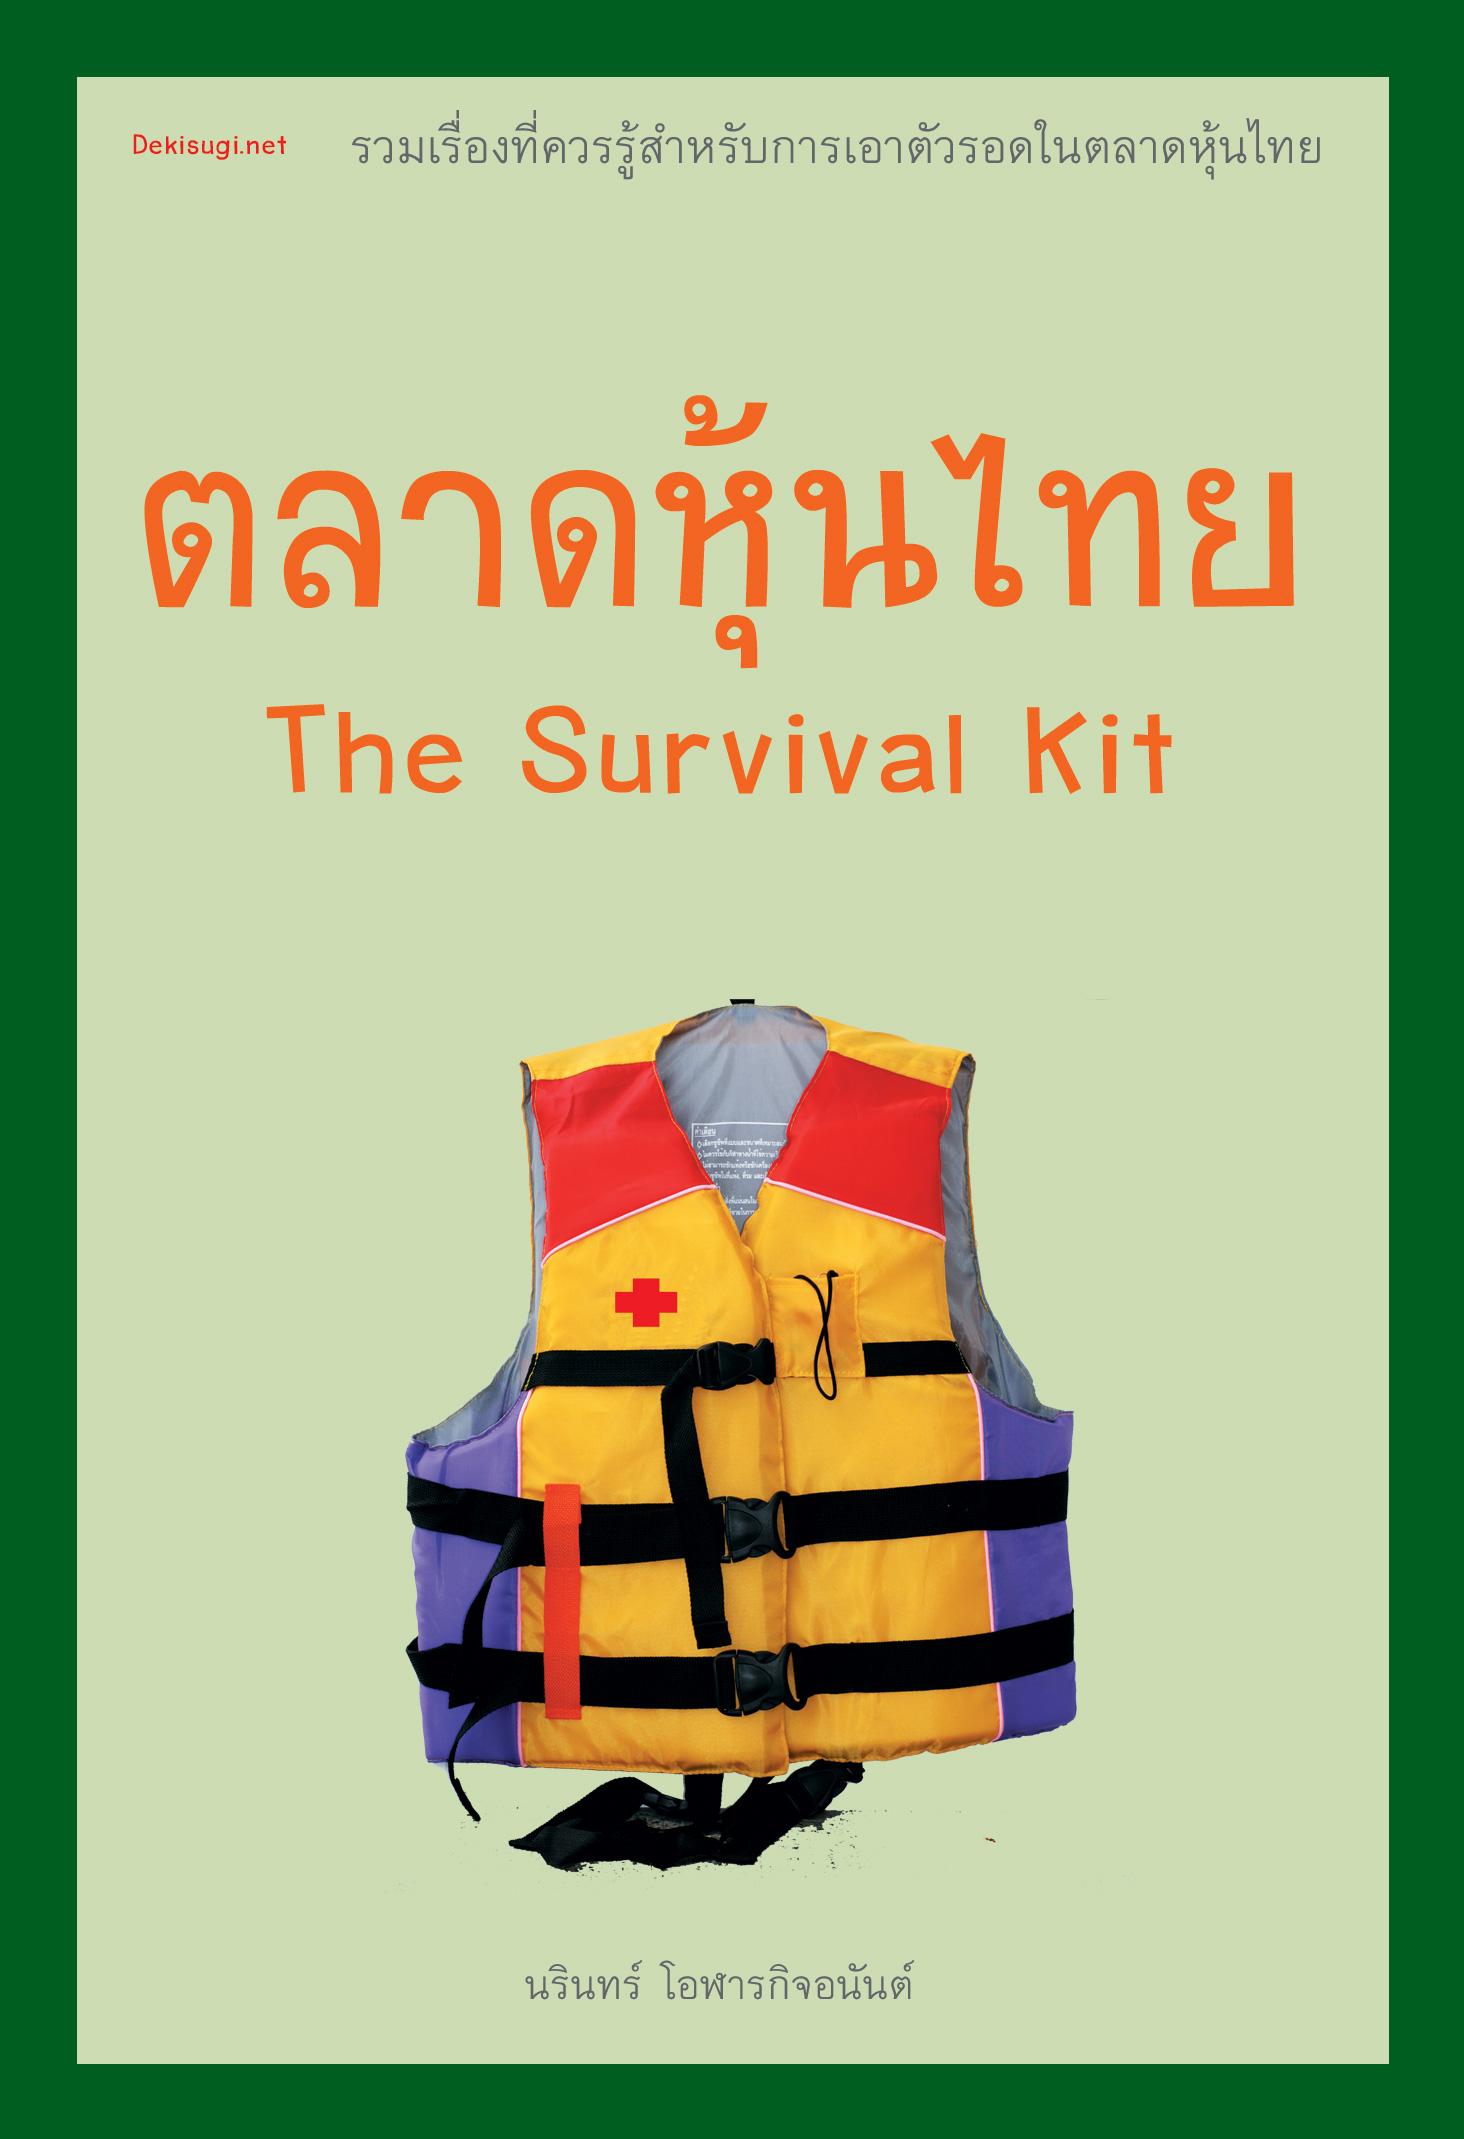 ตลาดหุ้นไทย the survival kit